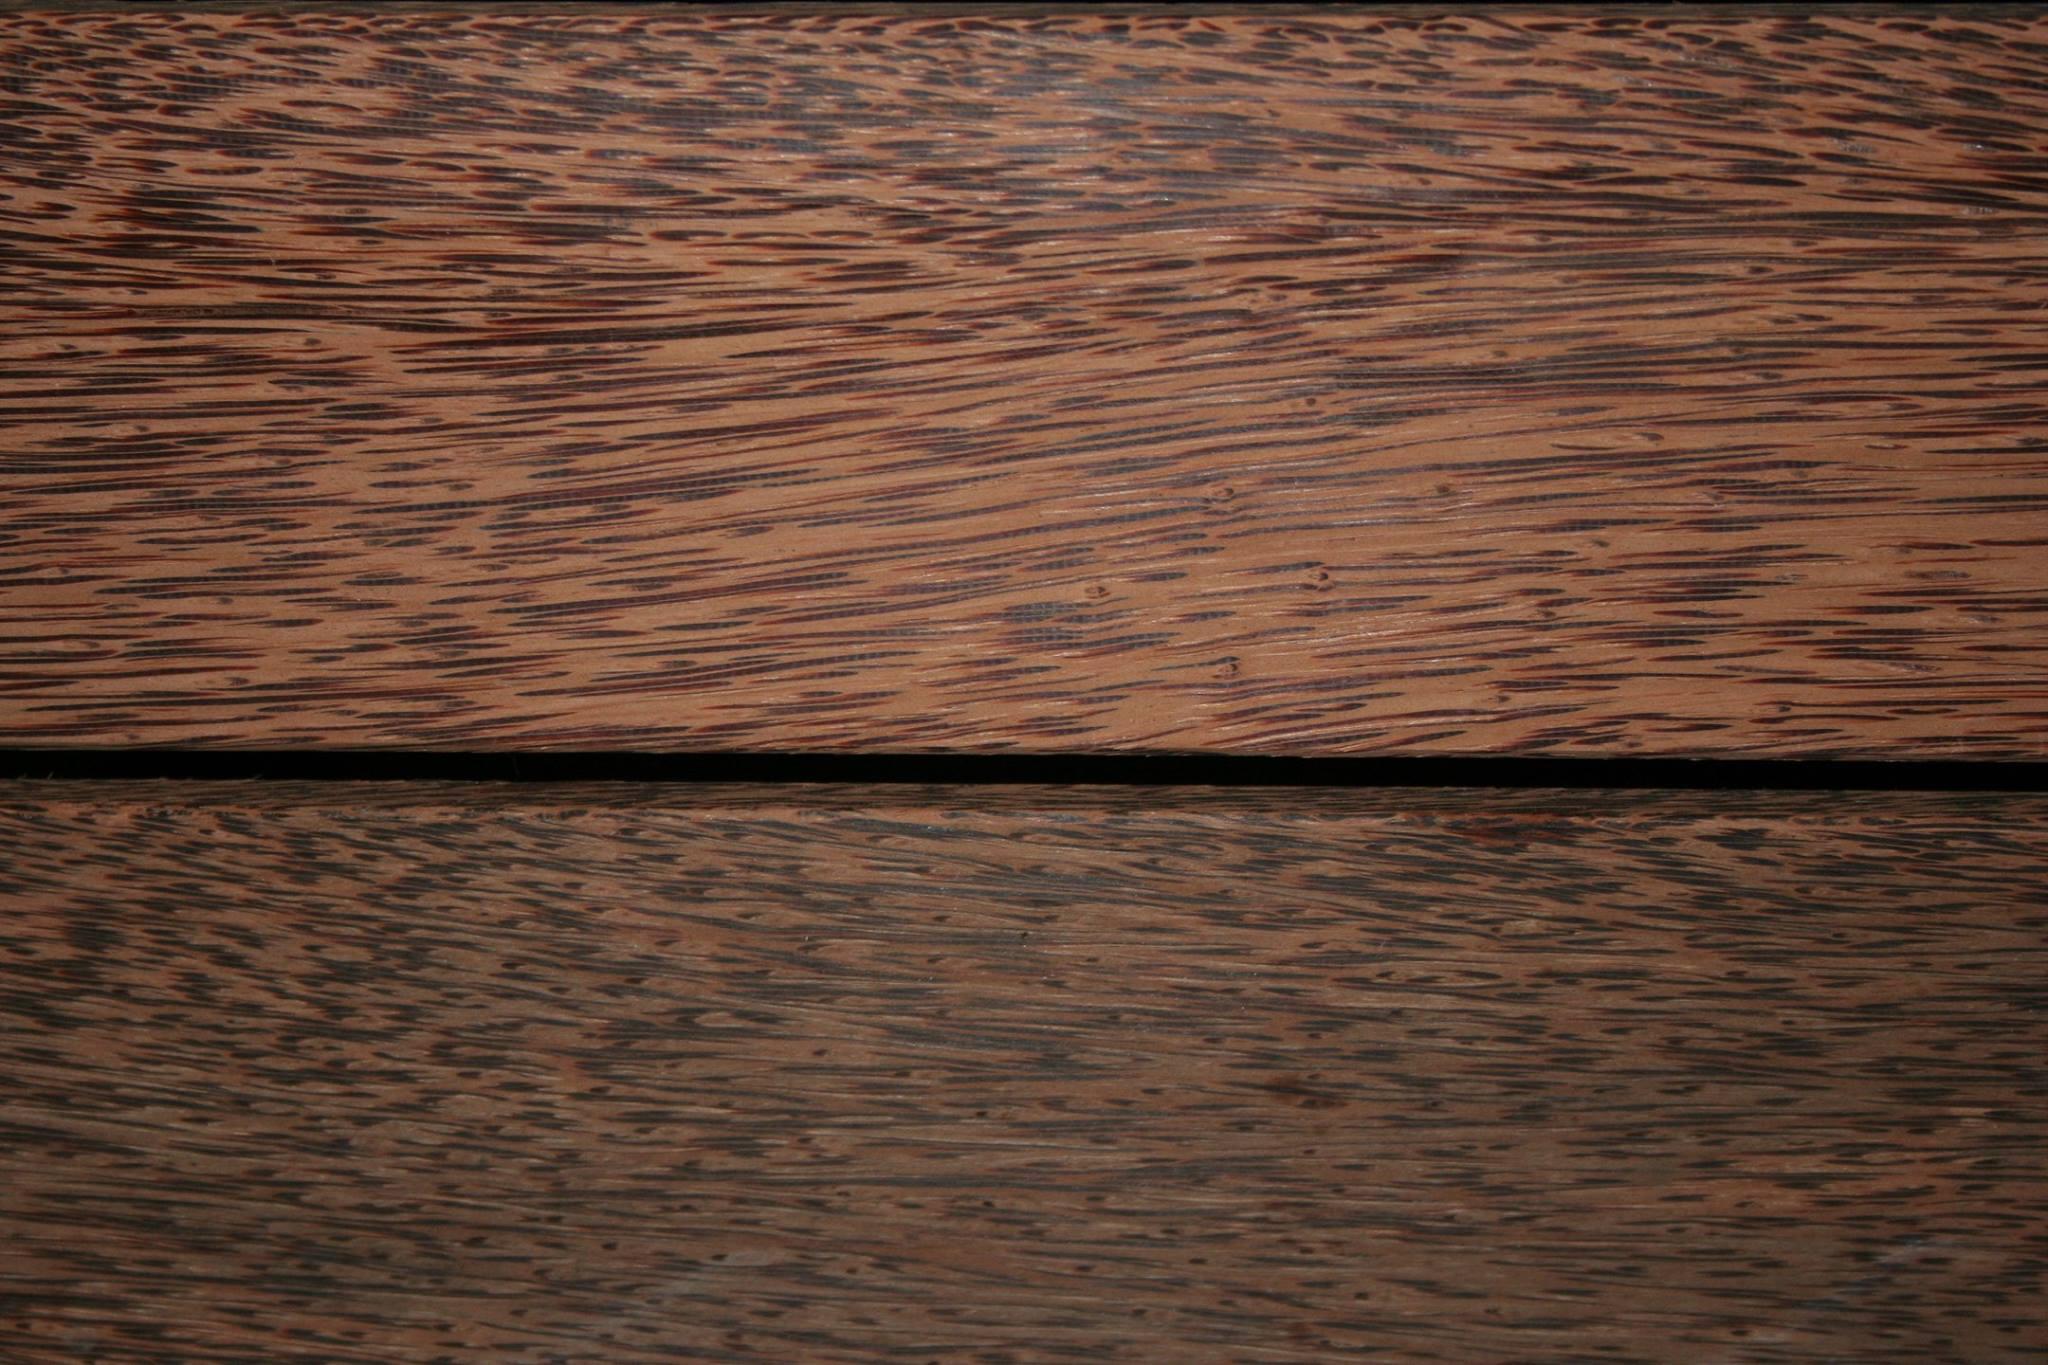 Houten vloeren en parketvloeren van kokoshout. 100% natuurproduct met een duurzaam karakter - via CoCowood